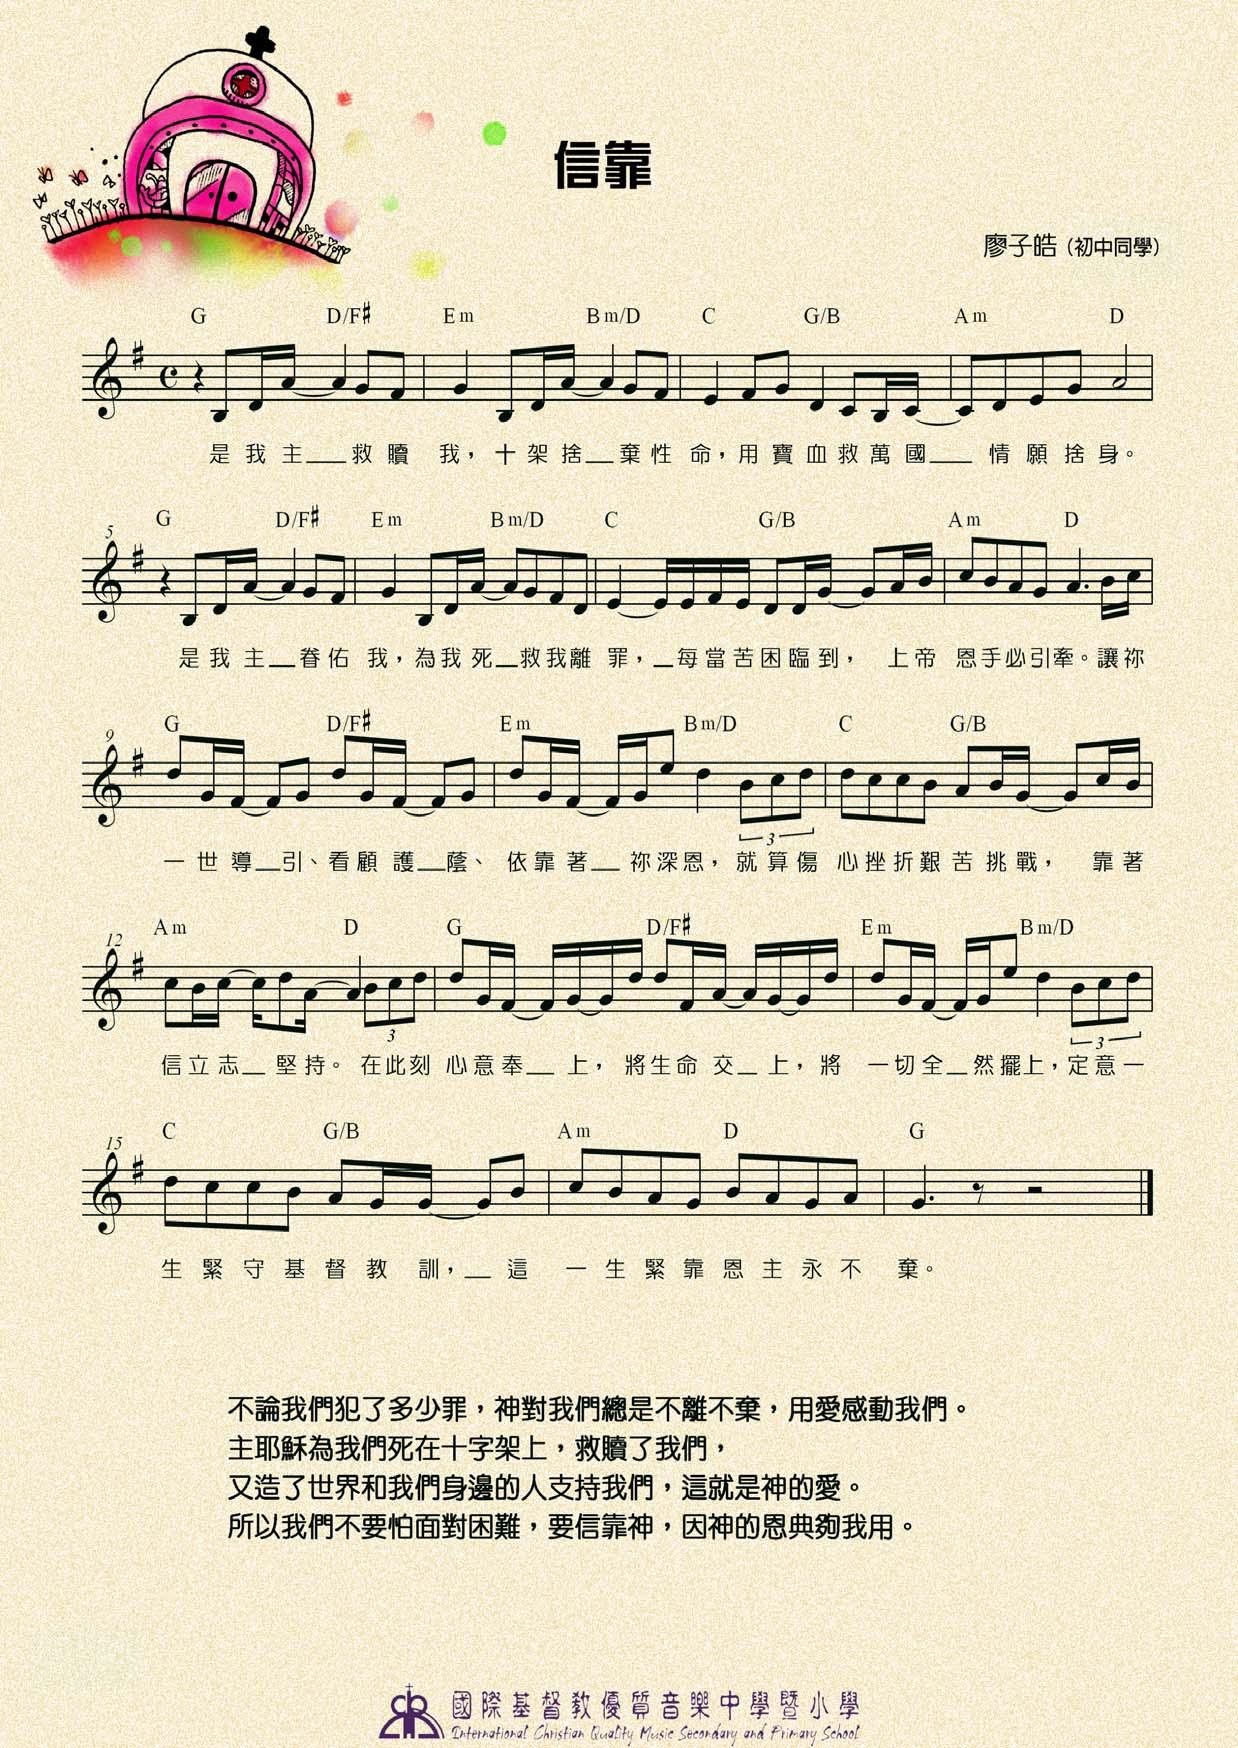 信靠顺服歌276歌谱